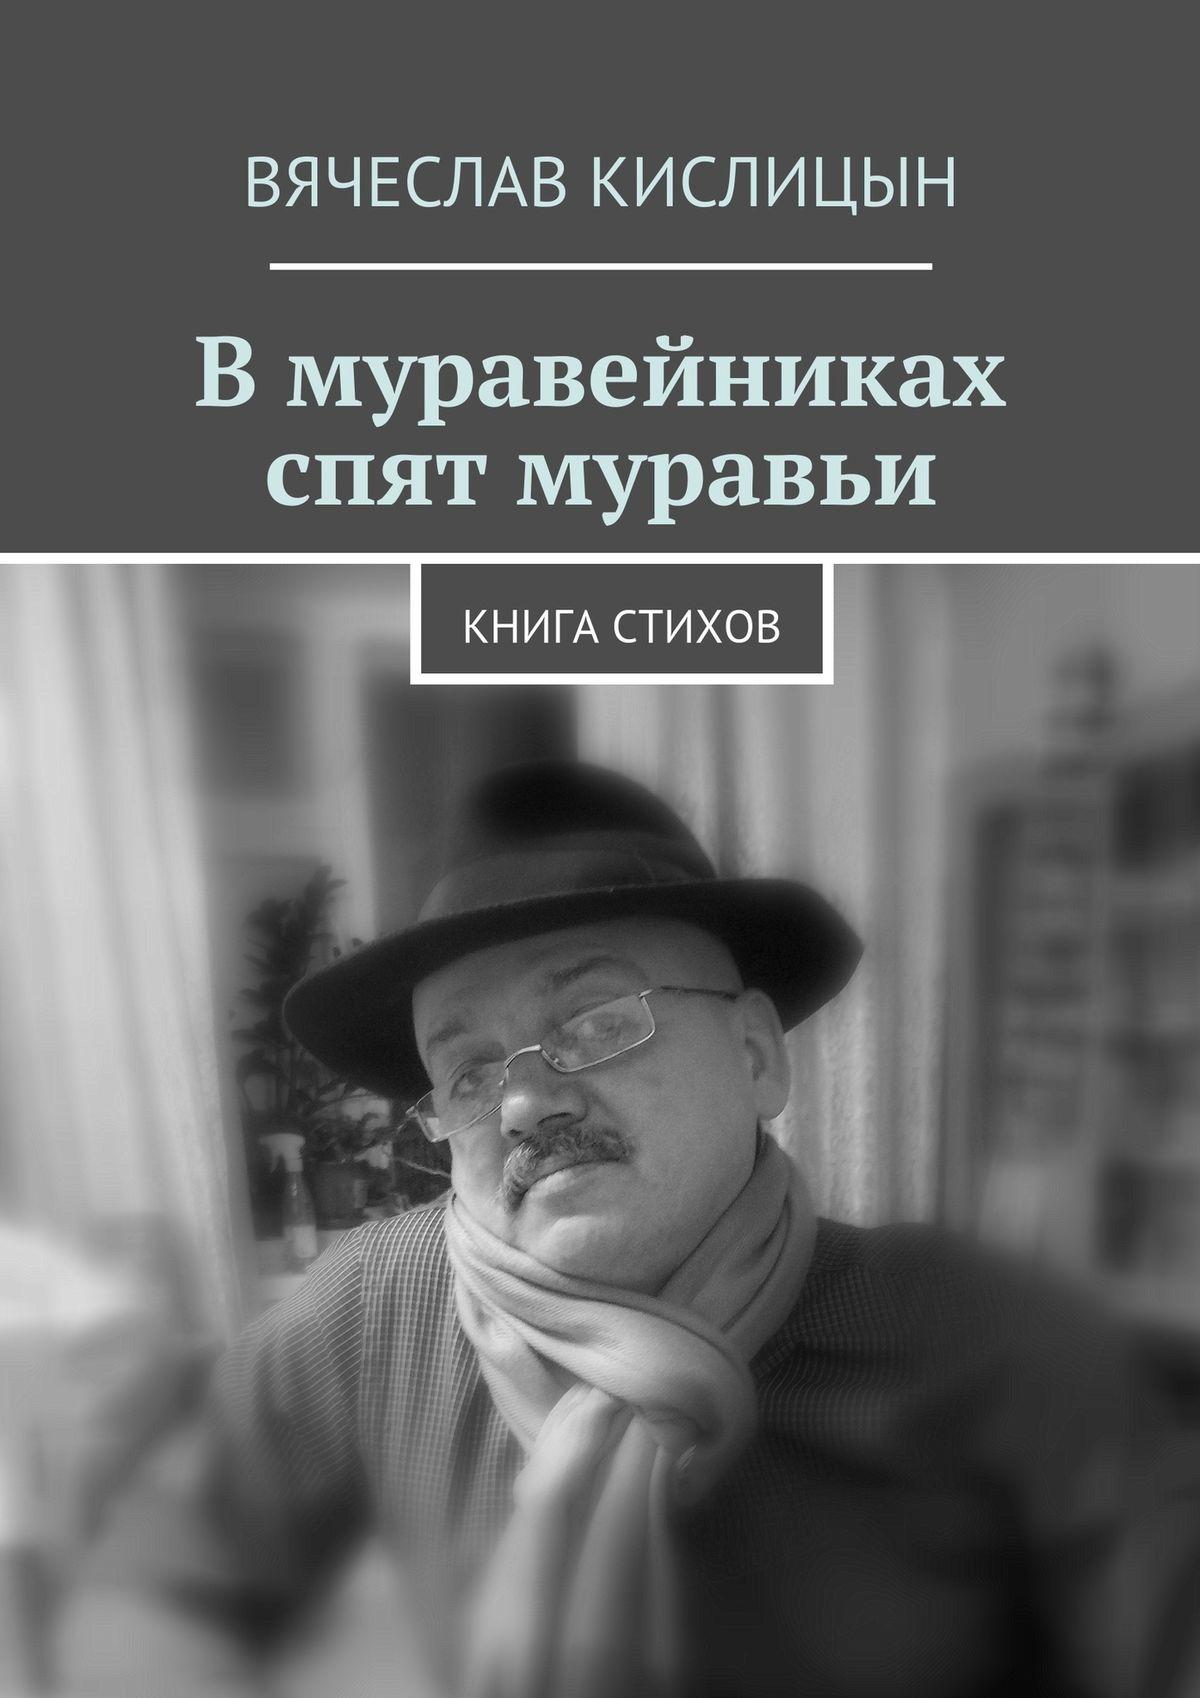 Вячеслав Валентинович Кислицын В муравейниках спят муравьи. Книга стихов